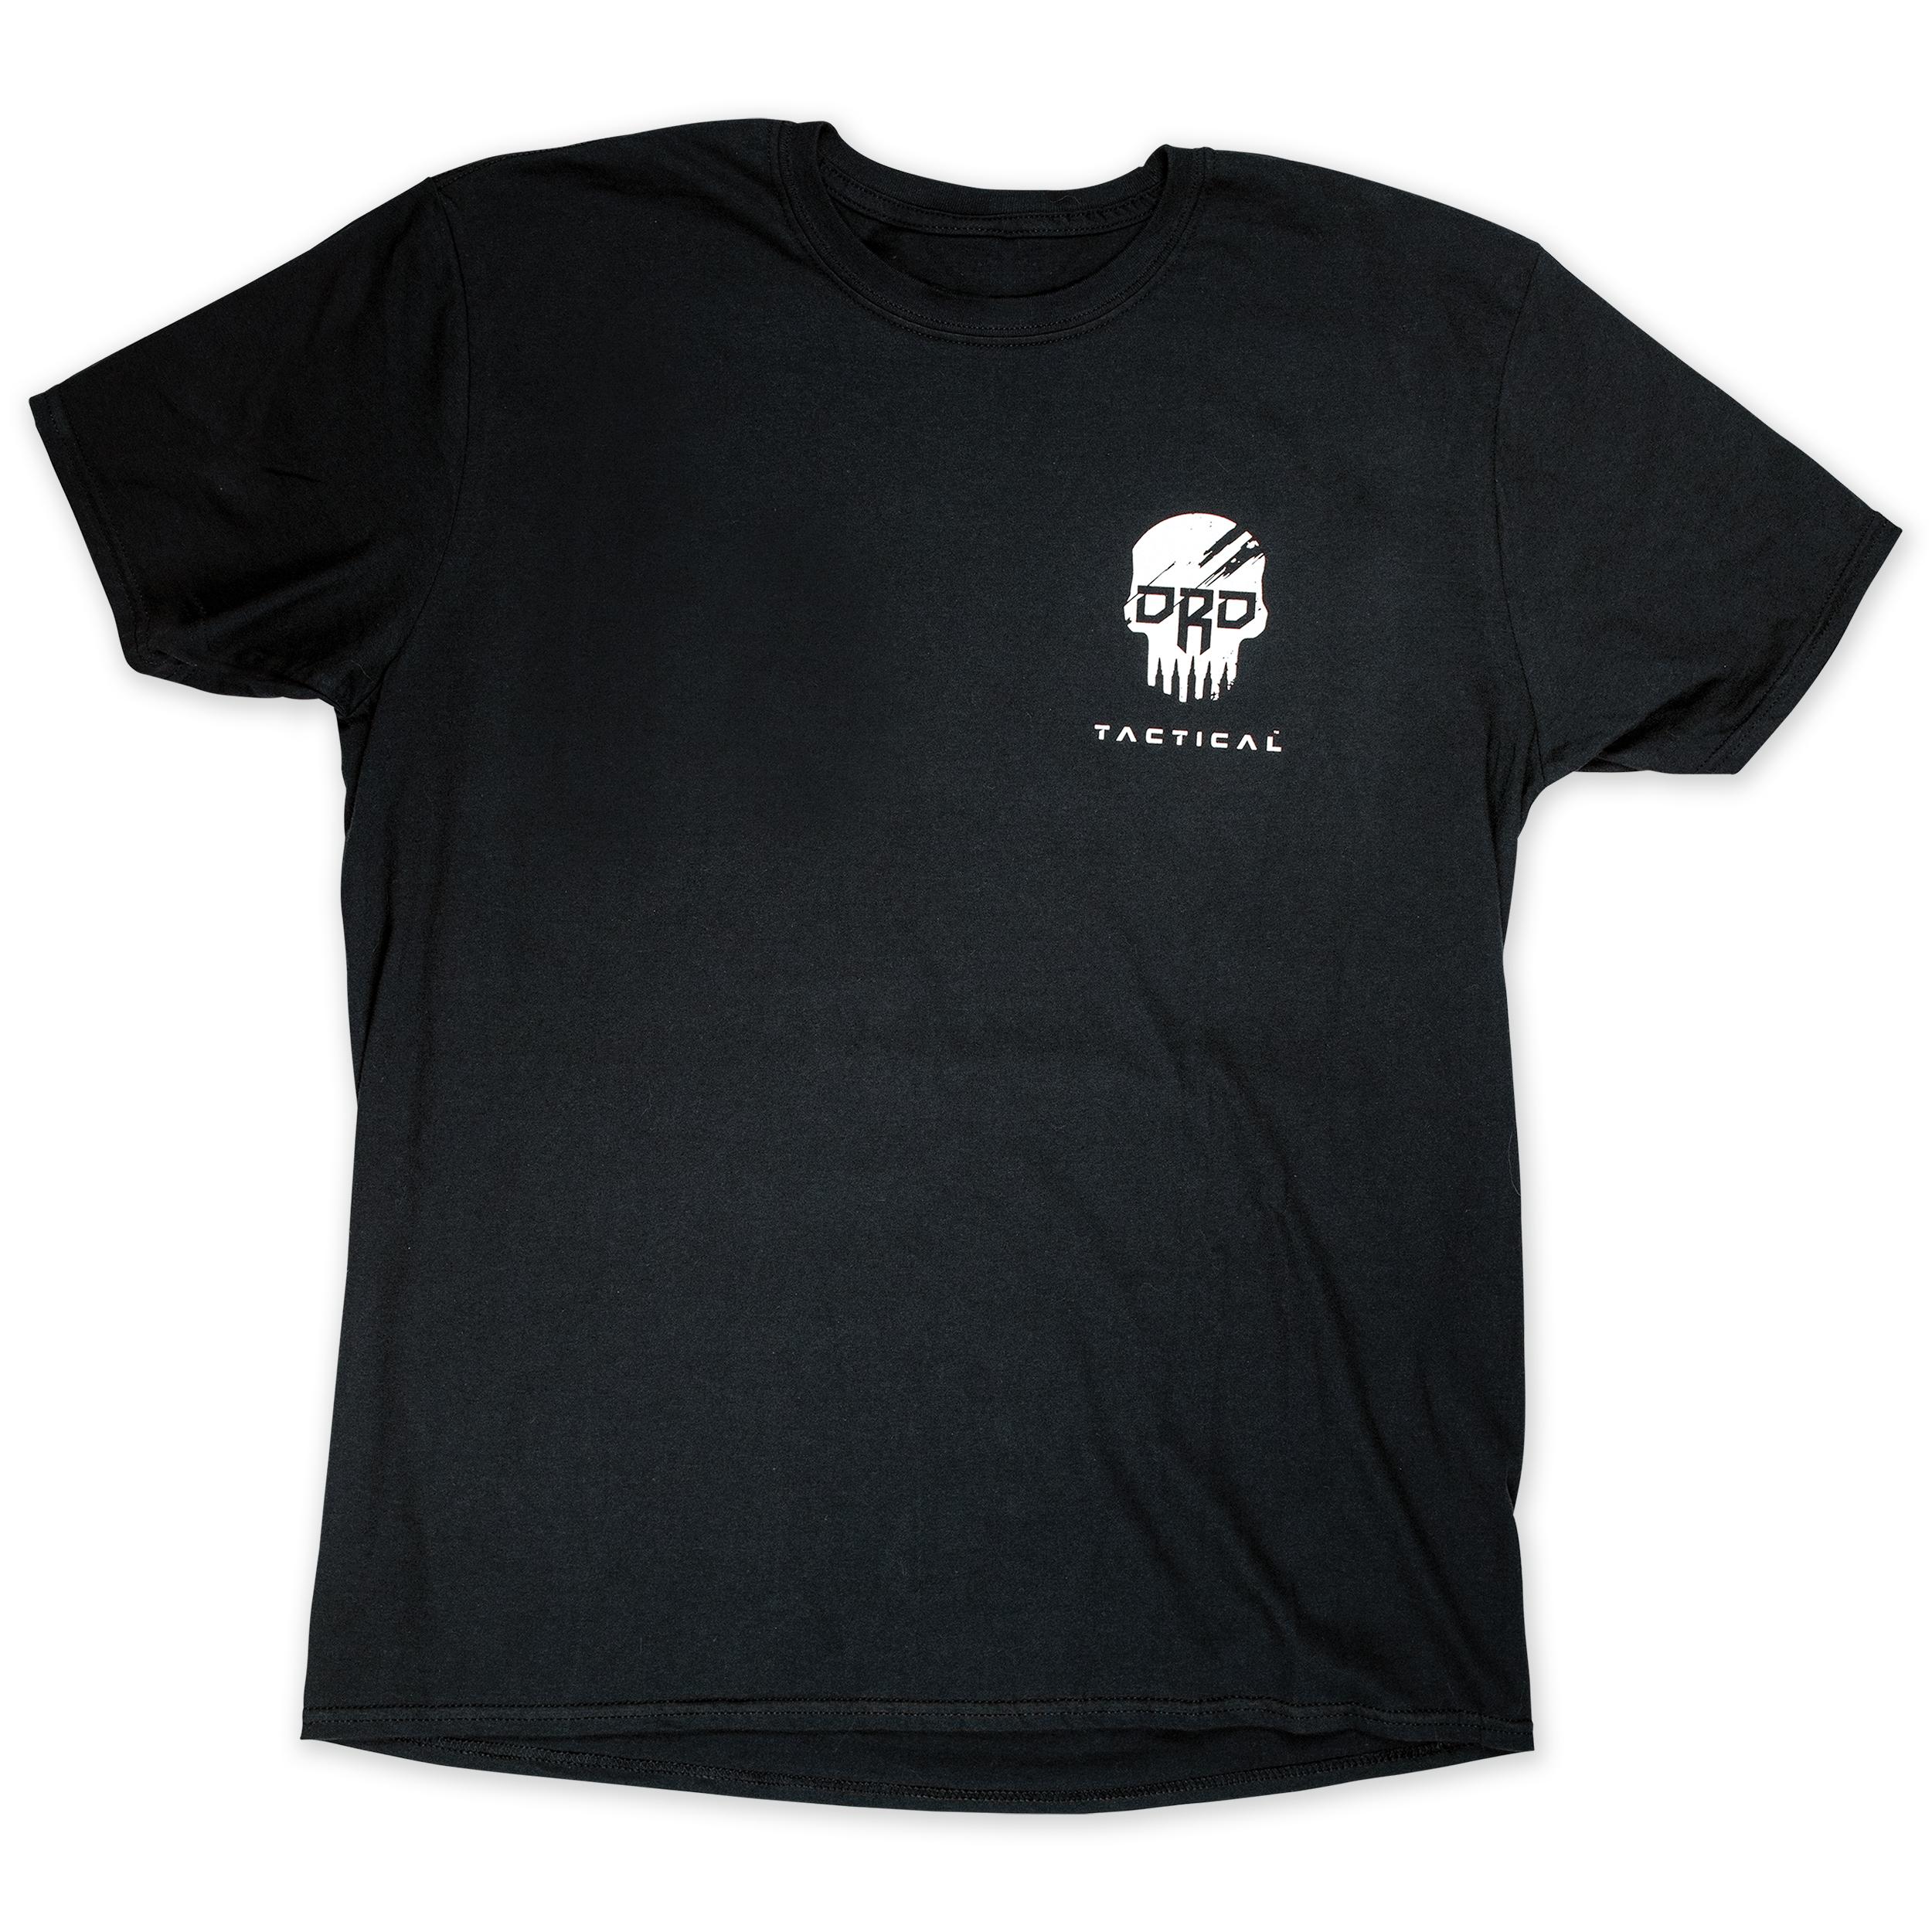 DRD T-Shirt